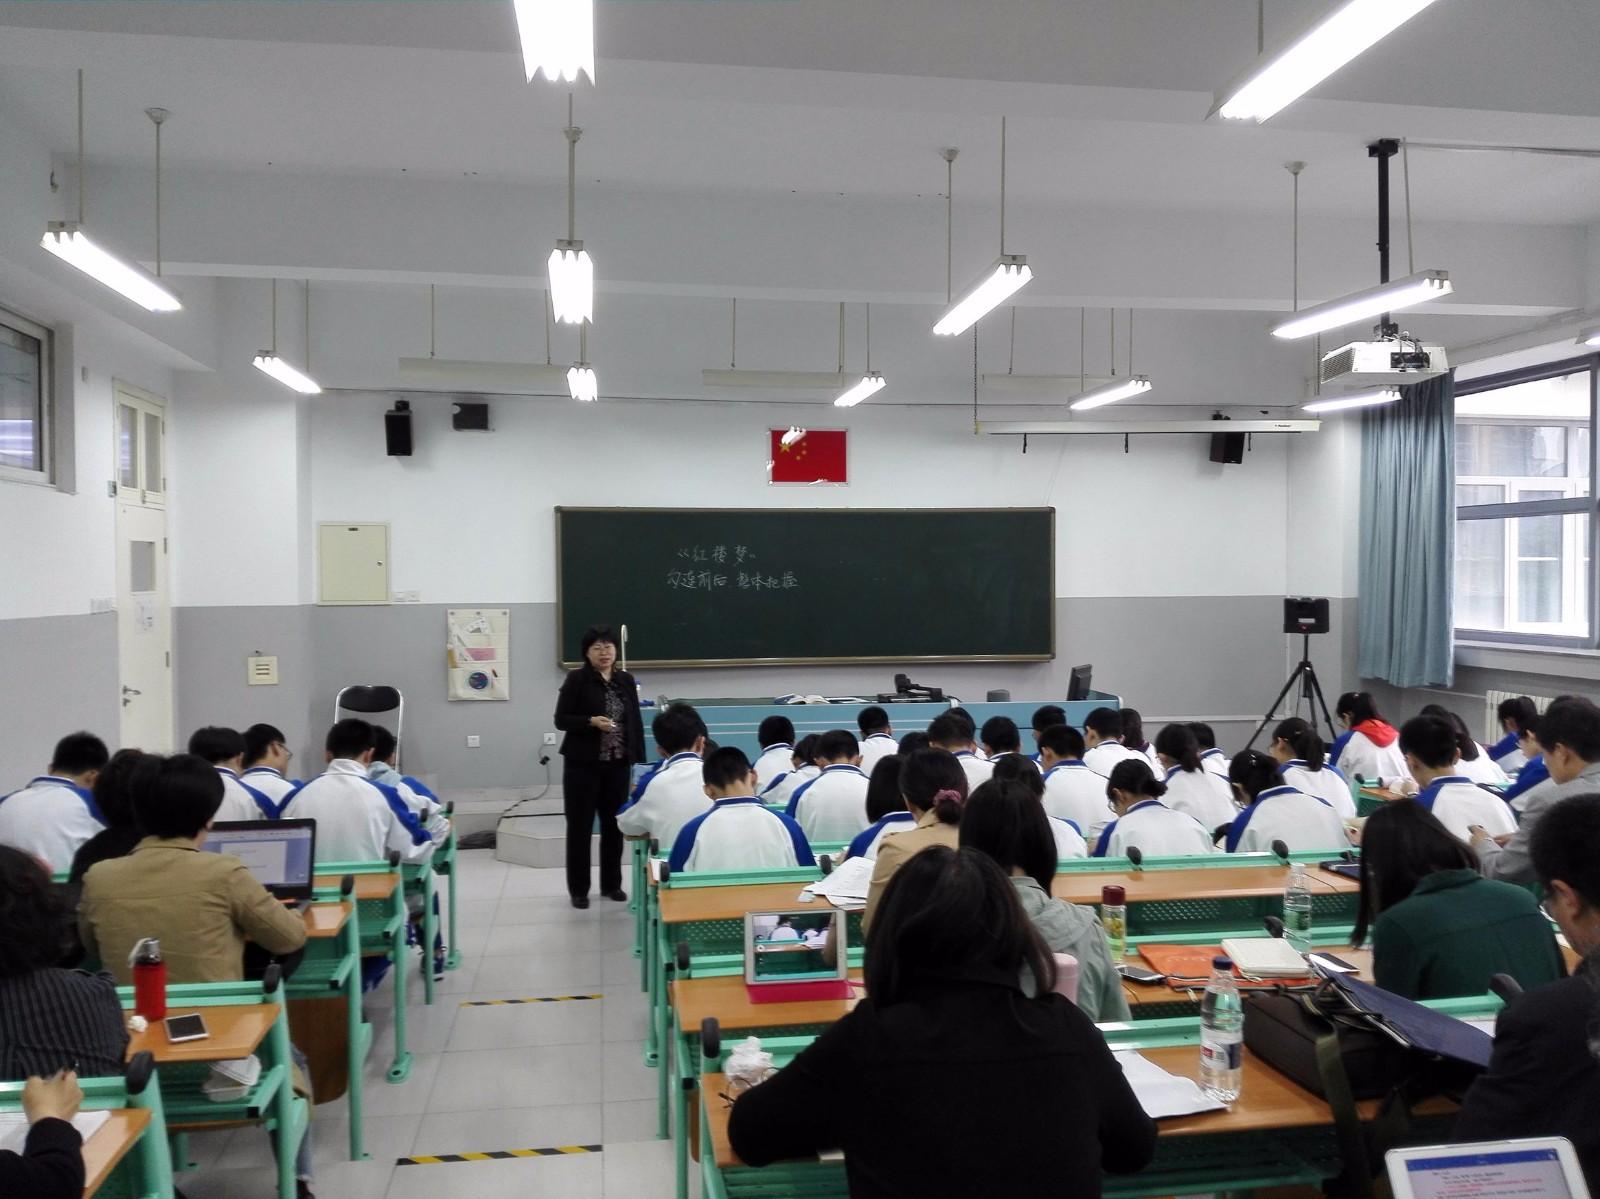 王晓军老师在上课.jpg